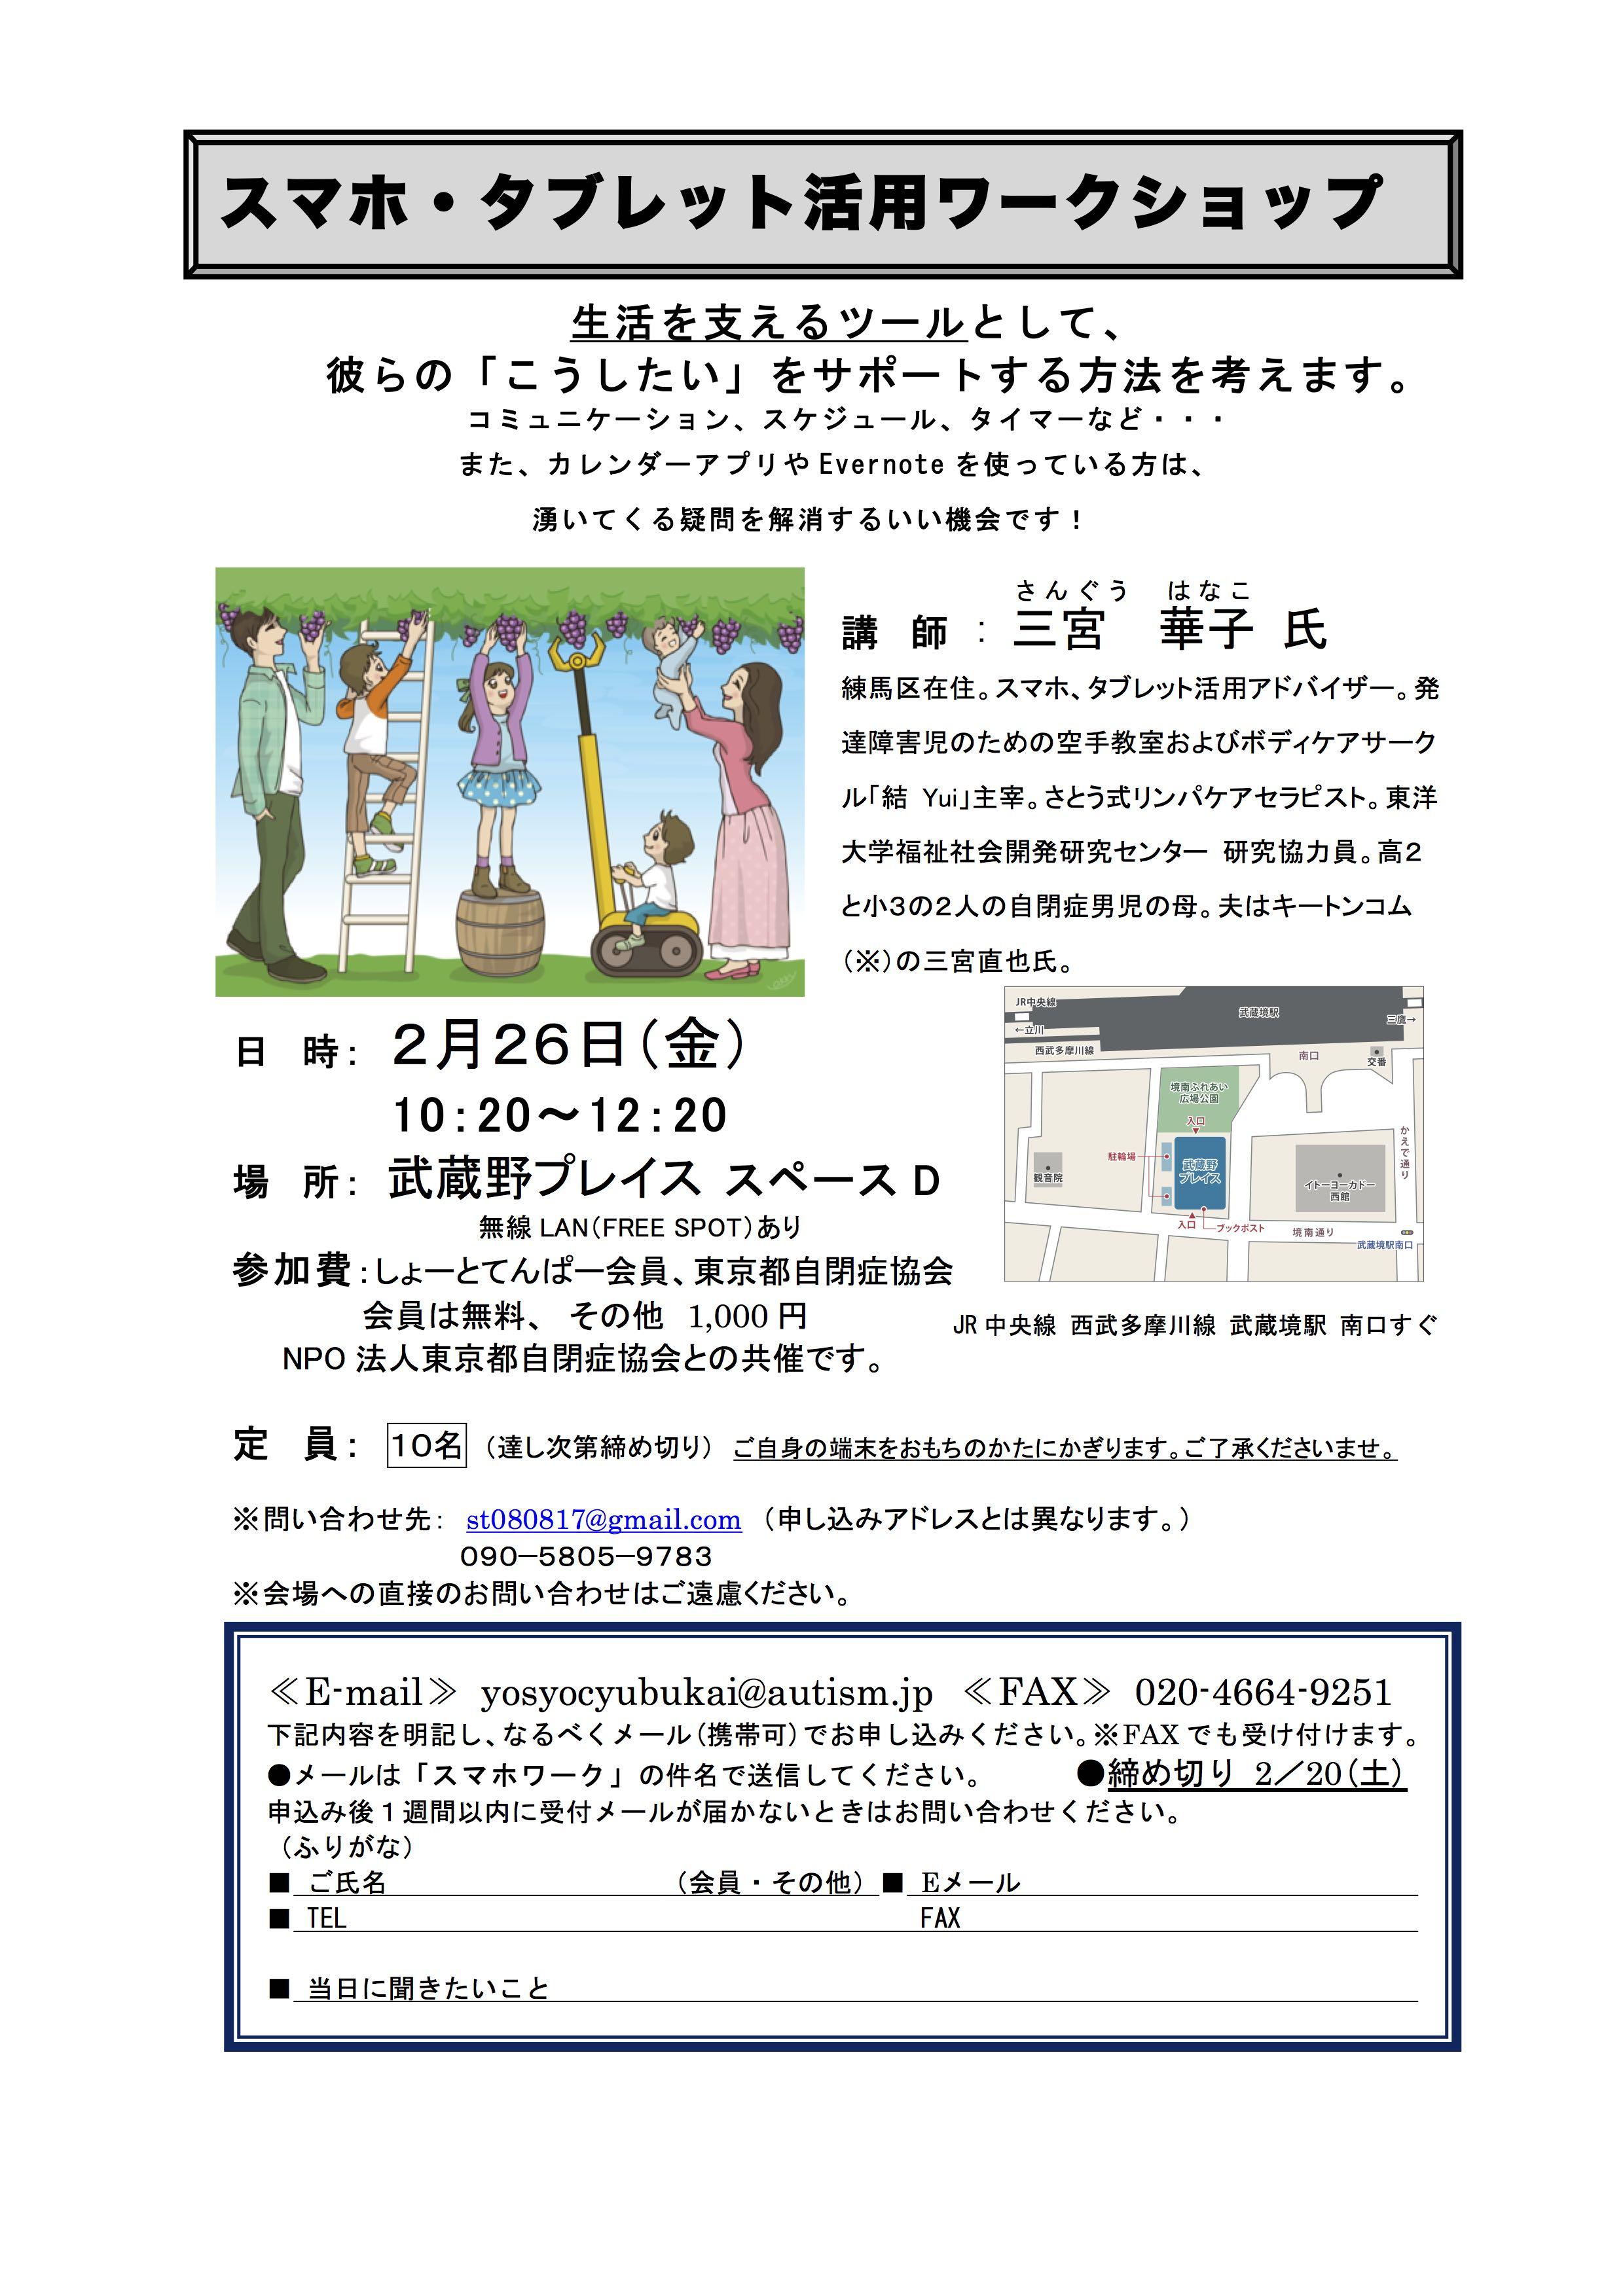 20160226三宮さんSTFB用